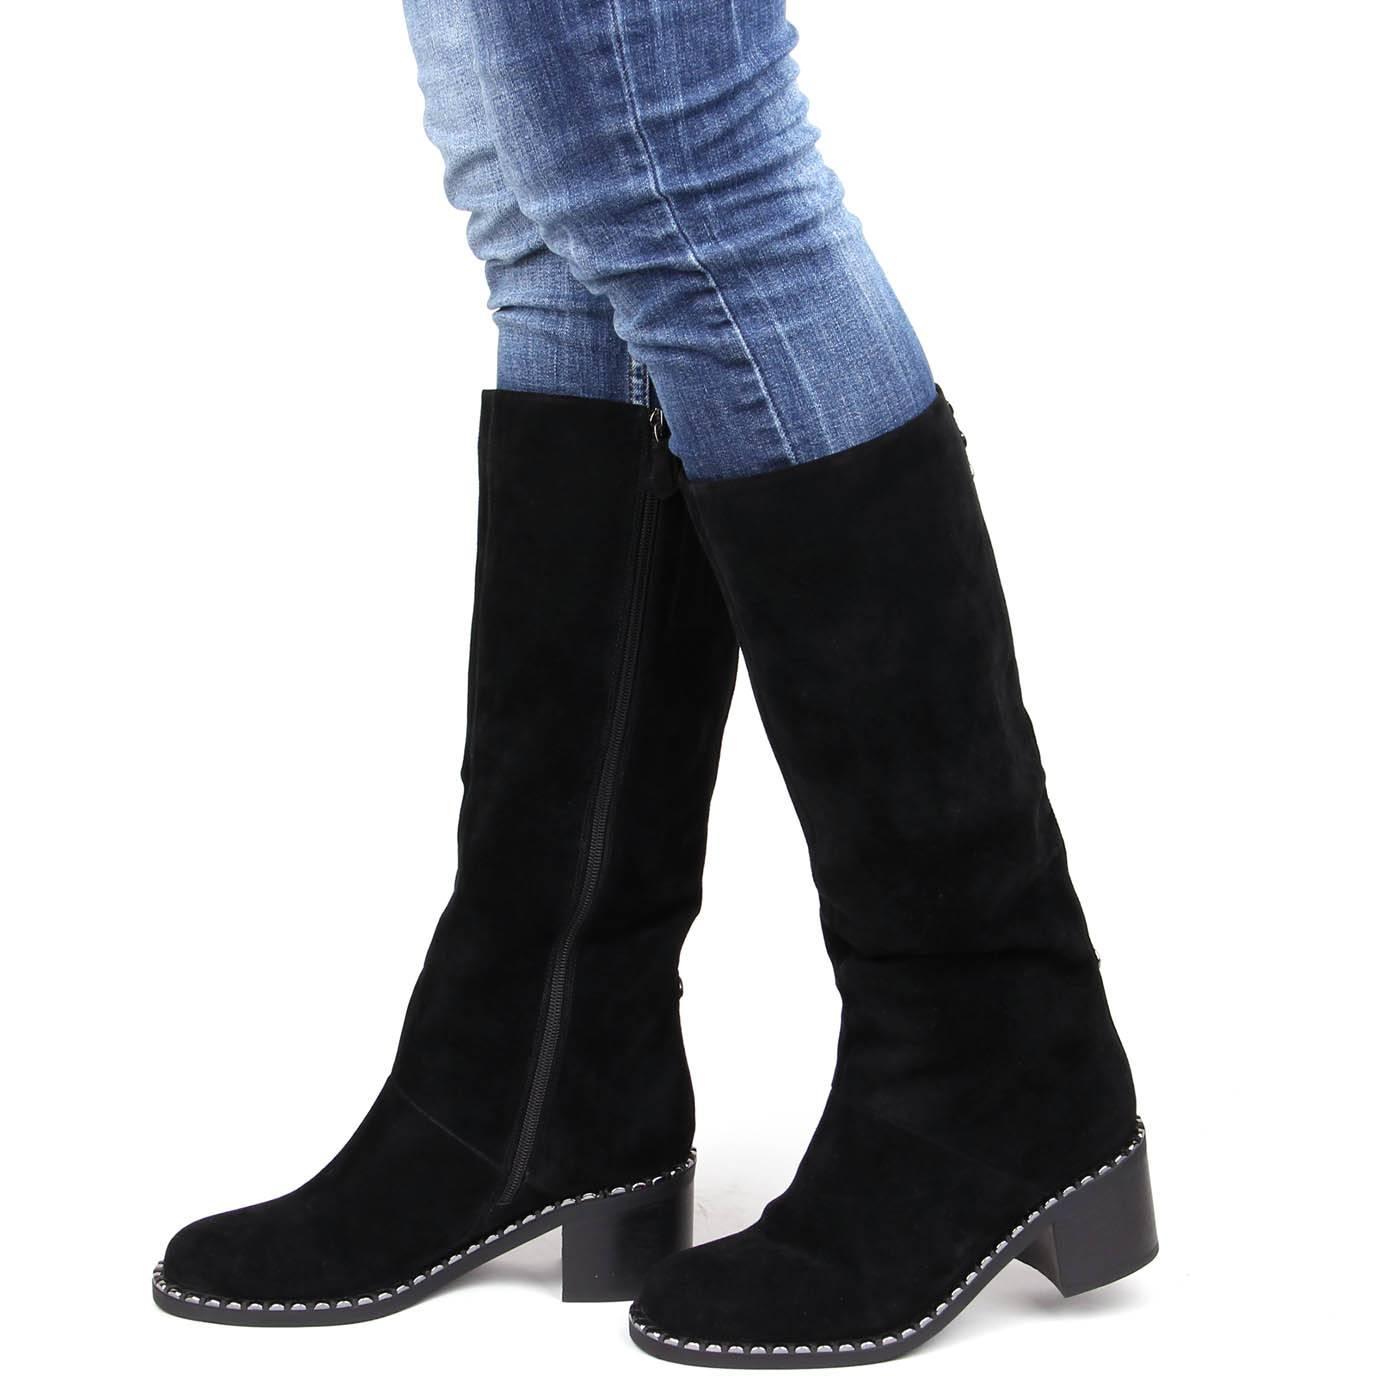 Чоботи жіночі ditto 5988 Чорний купить по выгодной цене в интернет ... 9723b277740a8